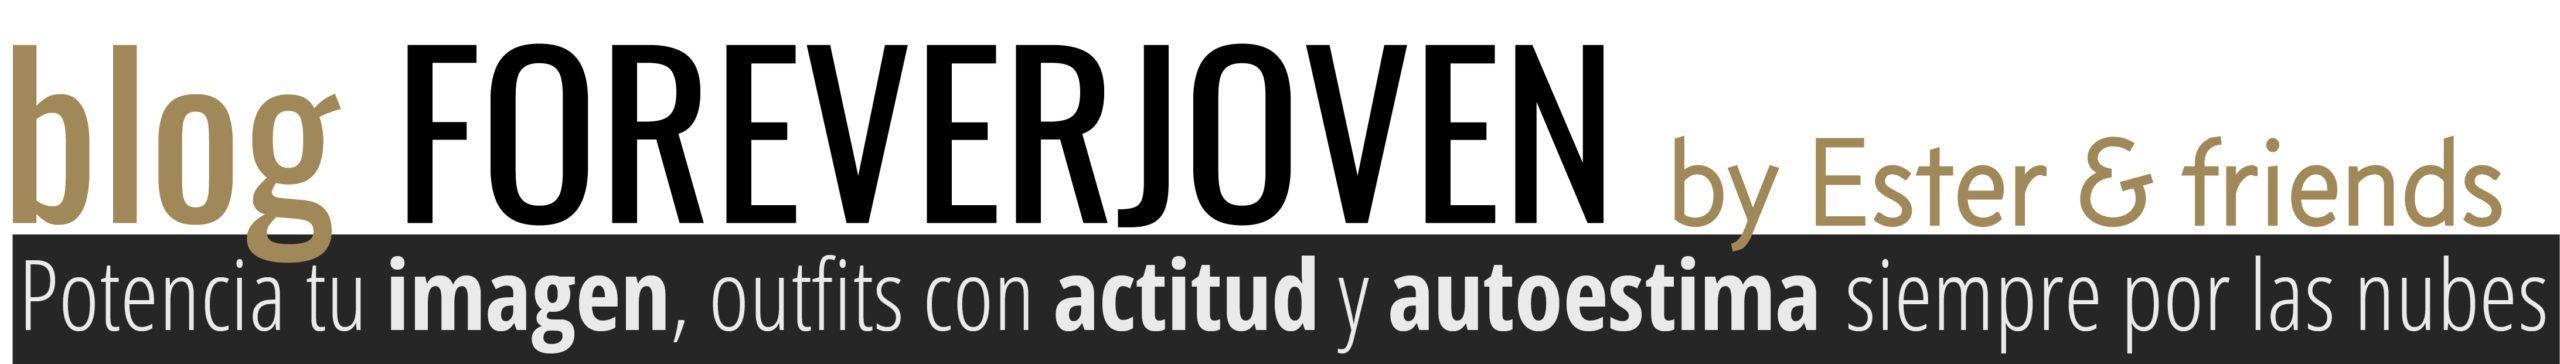 Blog de ForeverJoven by Ester